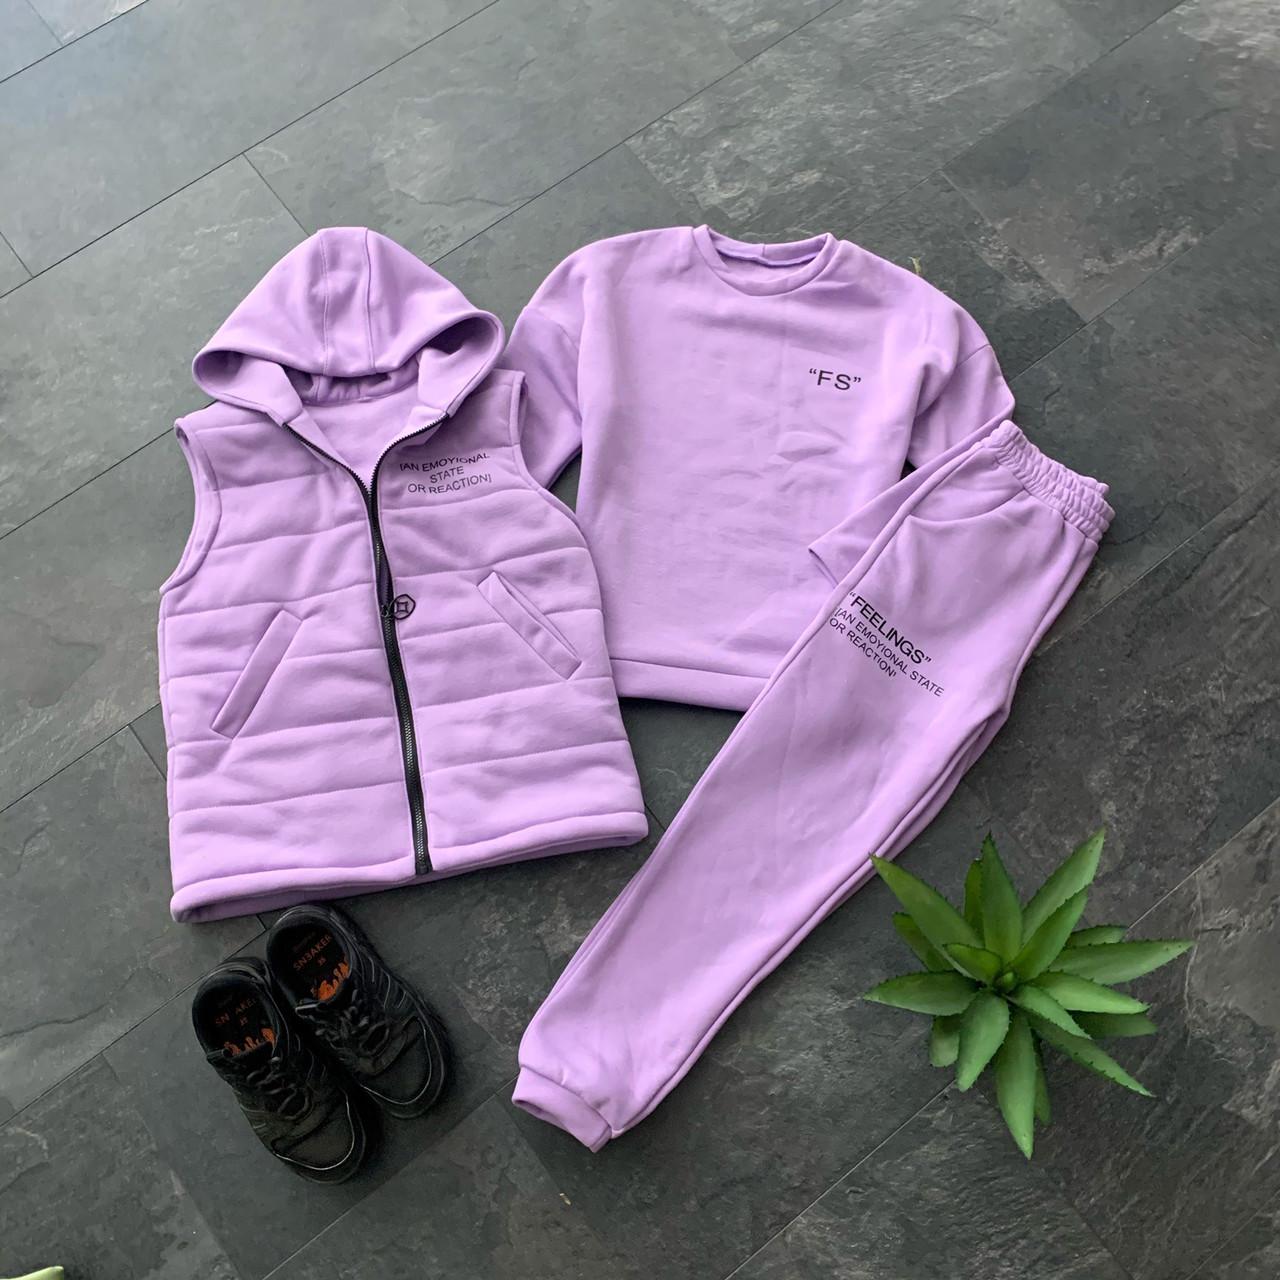 Женский спортивный костюм - тройка утепленный флисом - свитшот, штаны и жилет 66051149Е